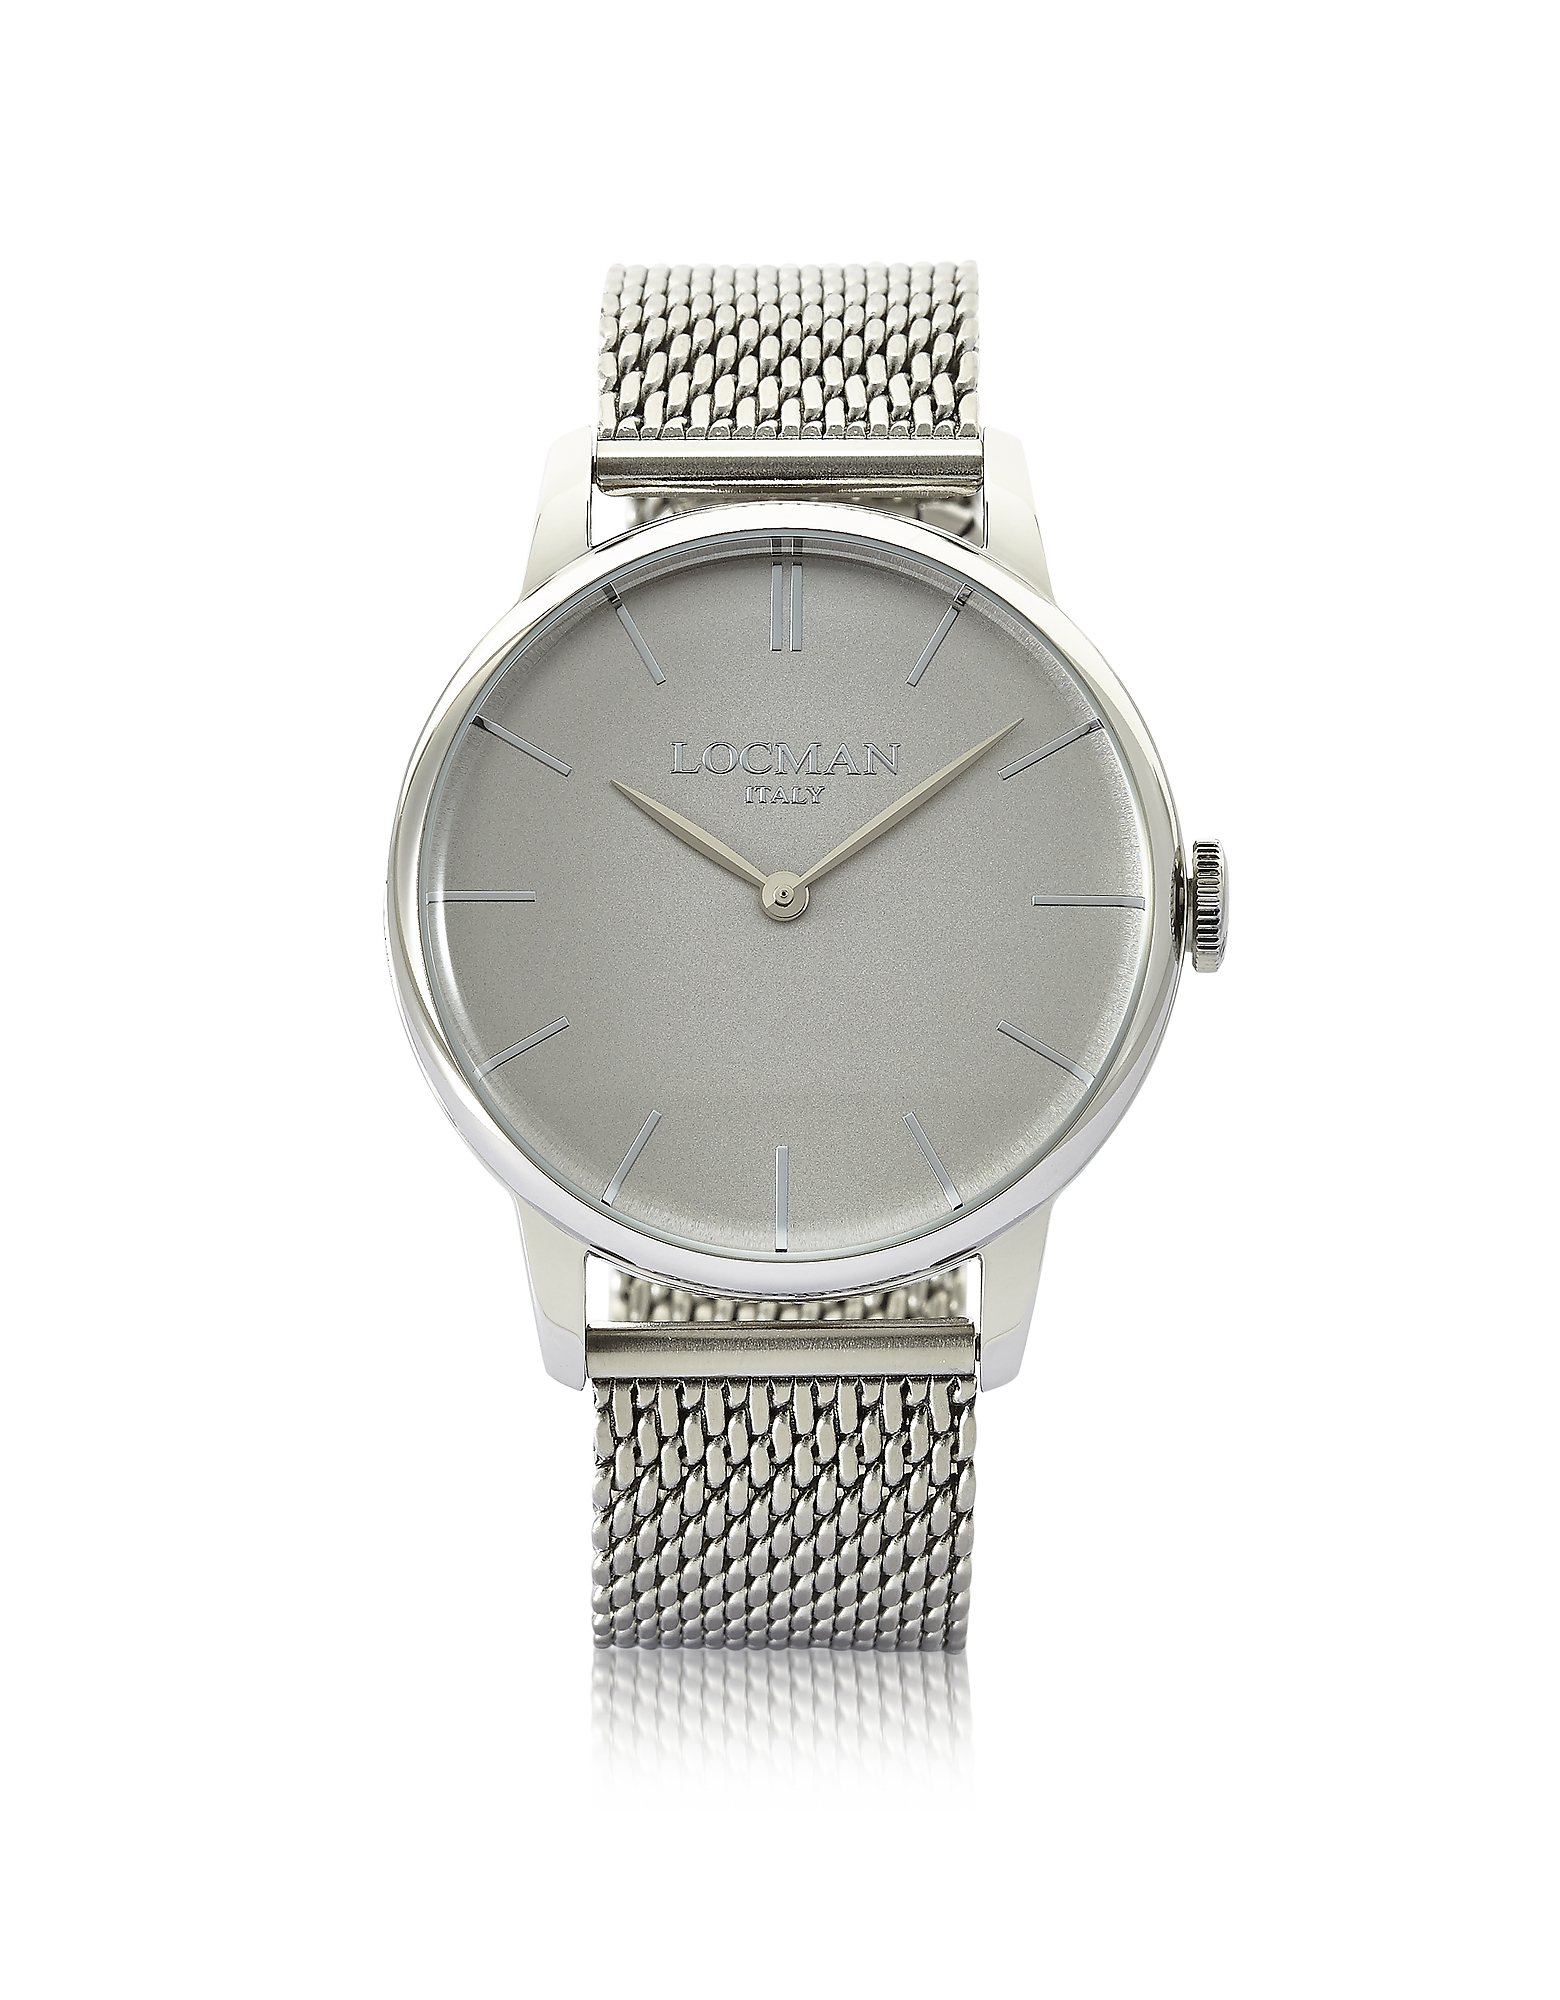 Locman Men's Watches, 1960 Stainless Steel Men's Watch